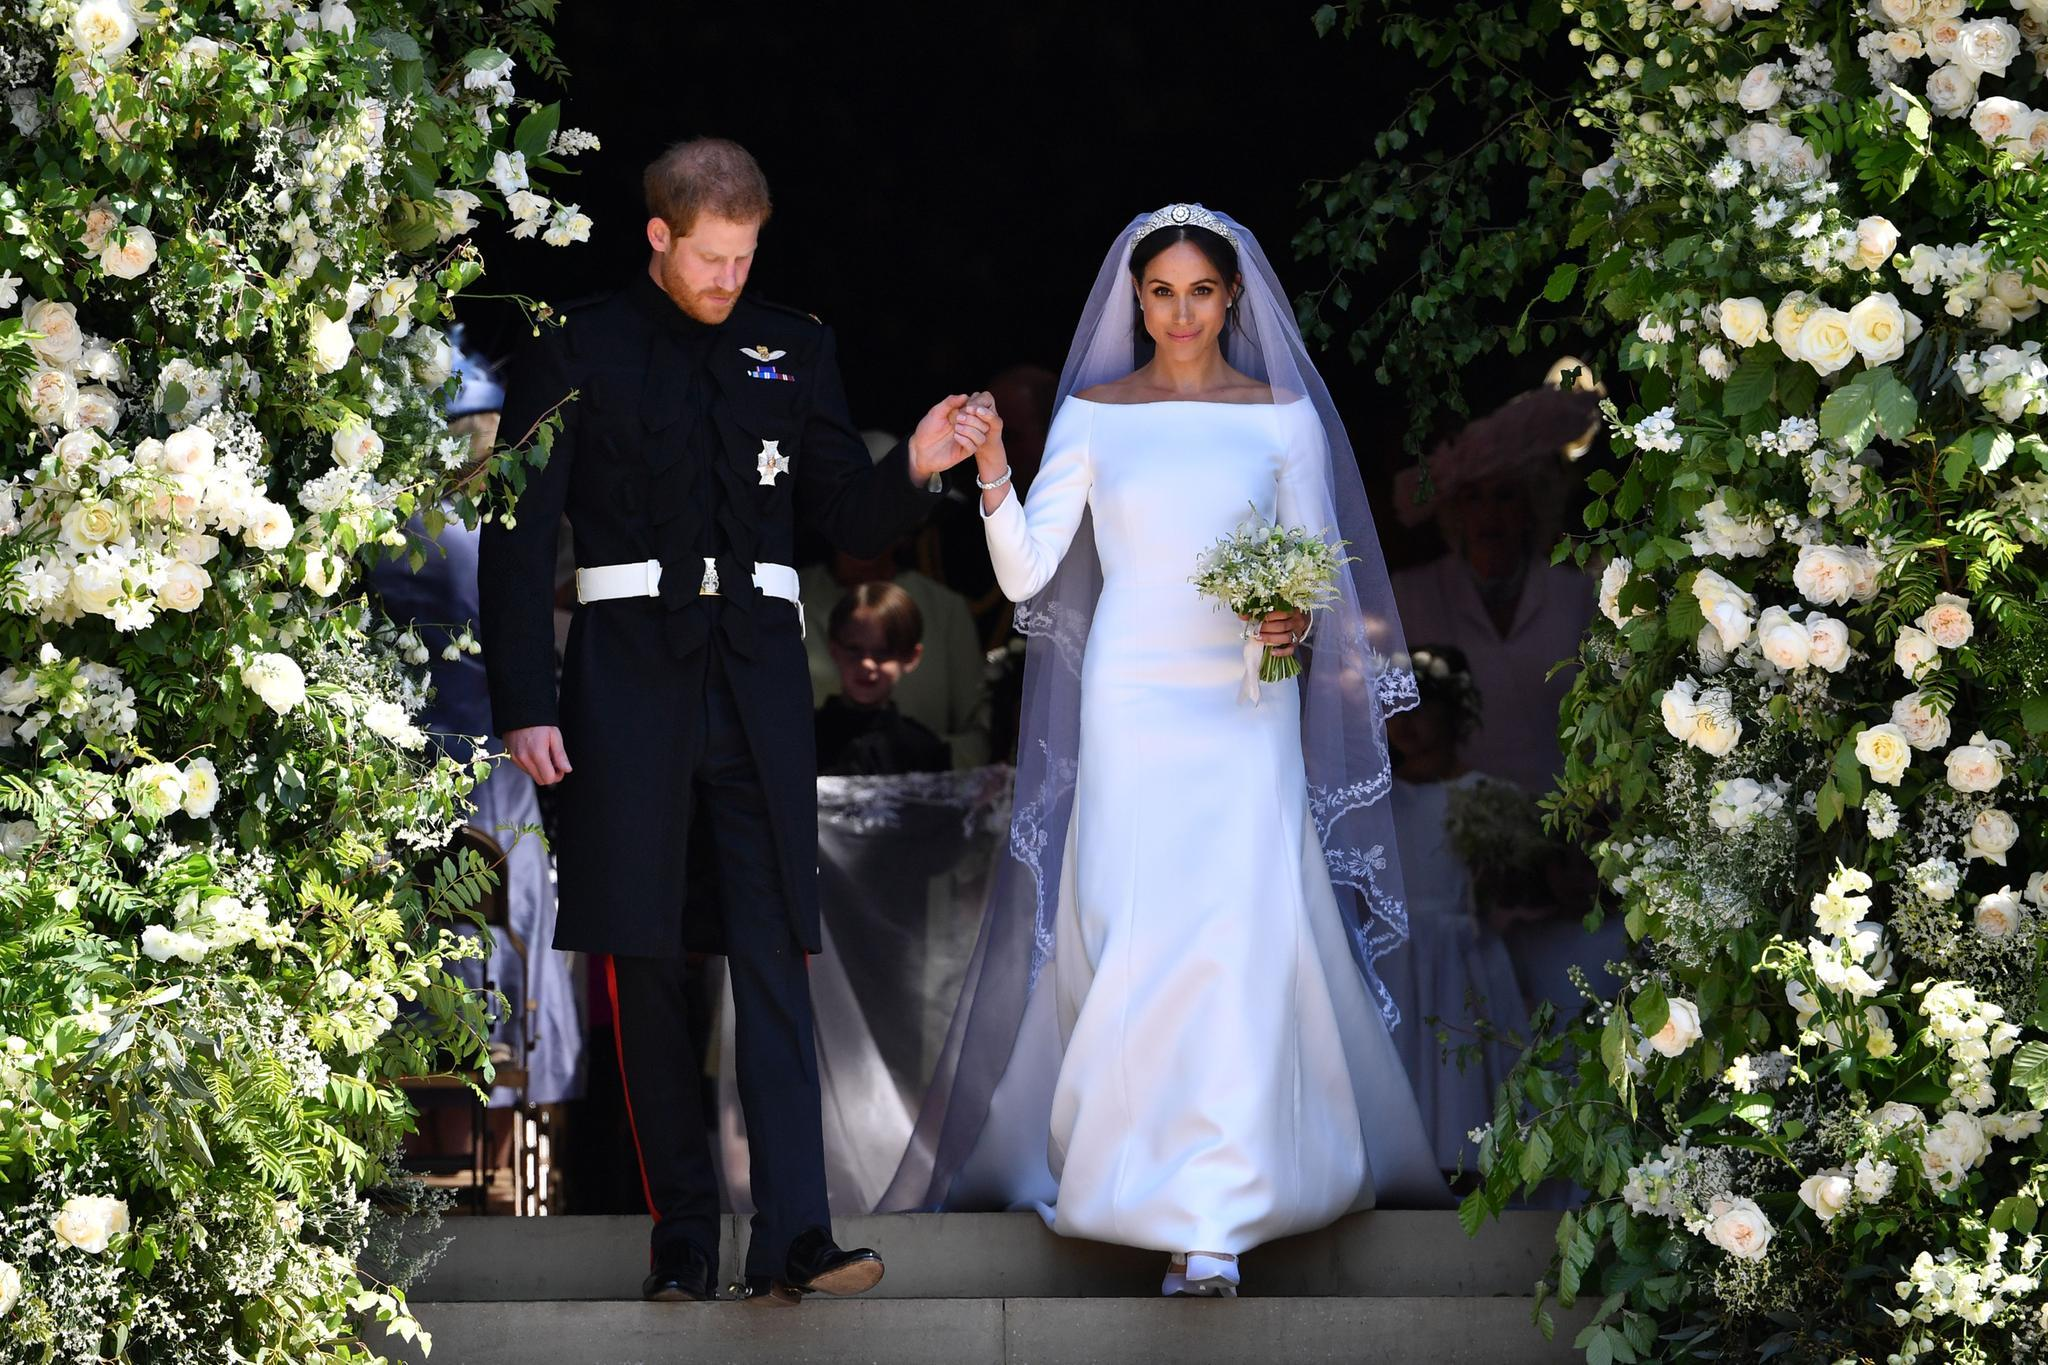 Prinz Harry und Herzogin Meghan traten am 19. Mai 2018 vor den Traualtar